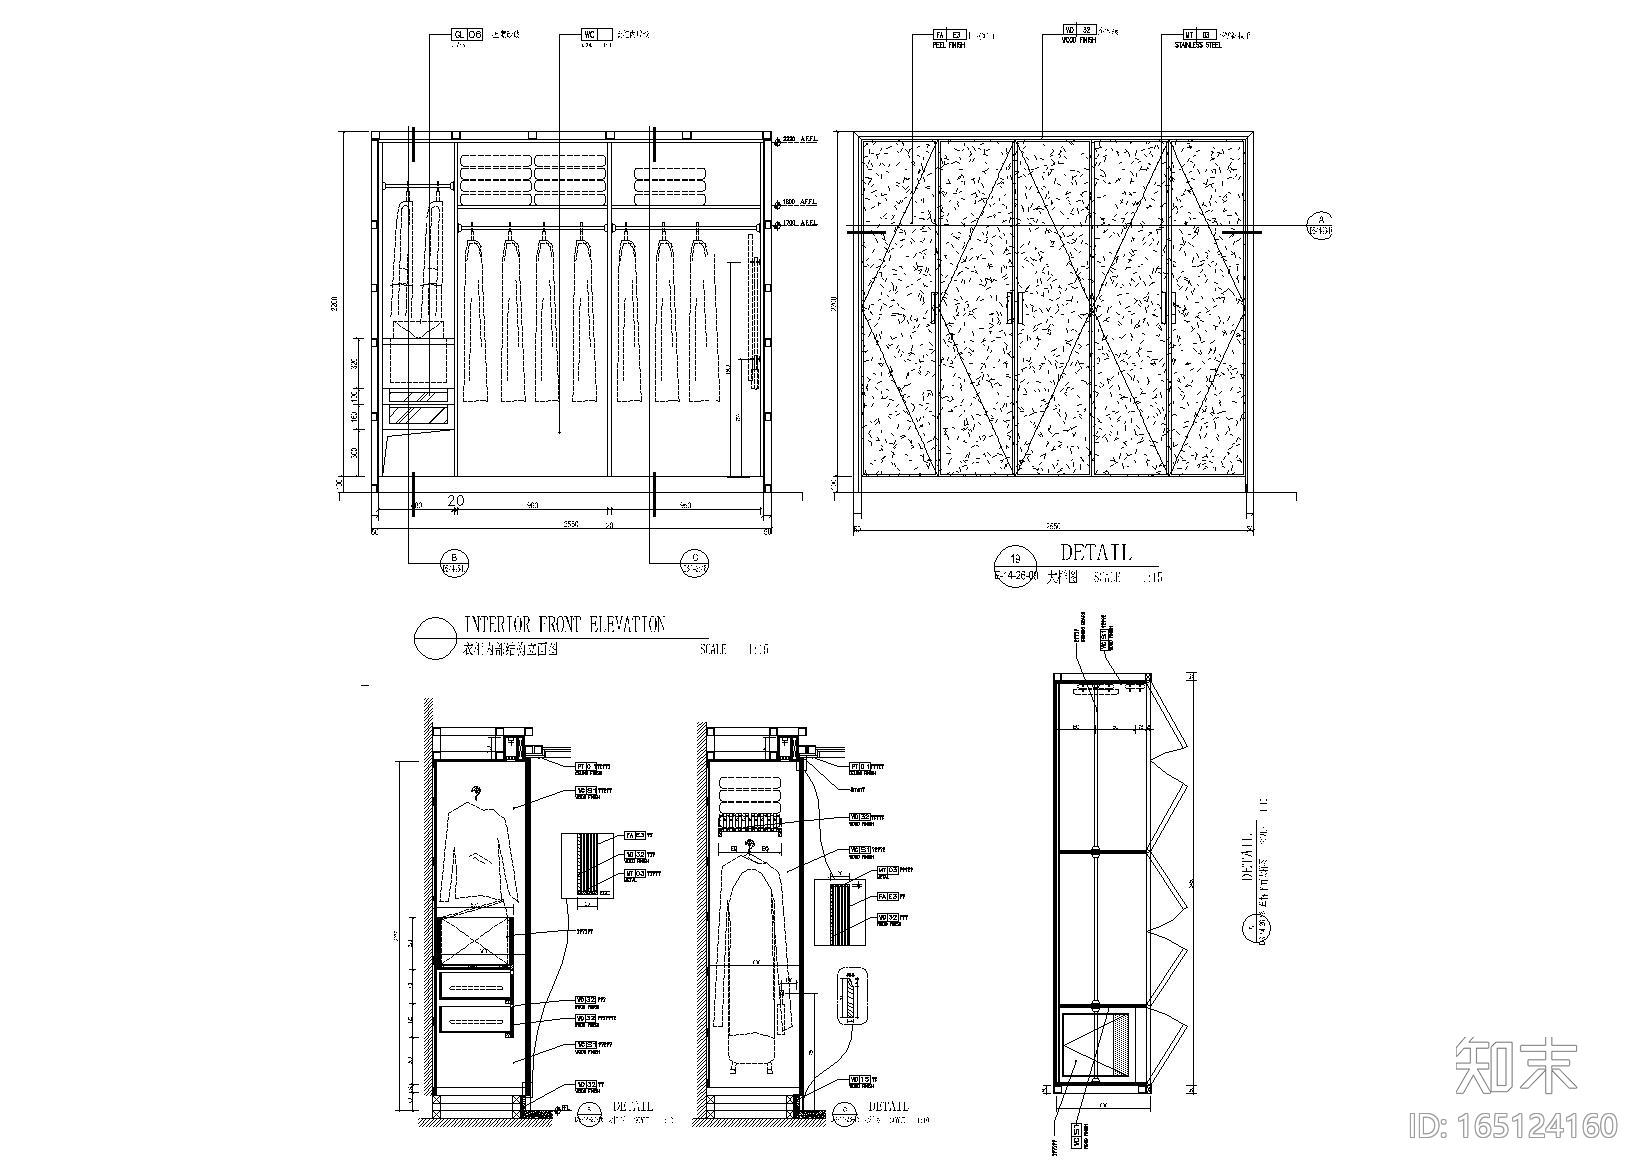 单项衣柜设计节点详图-6套施工图下载【ID:165124160】